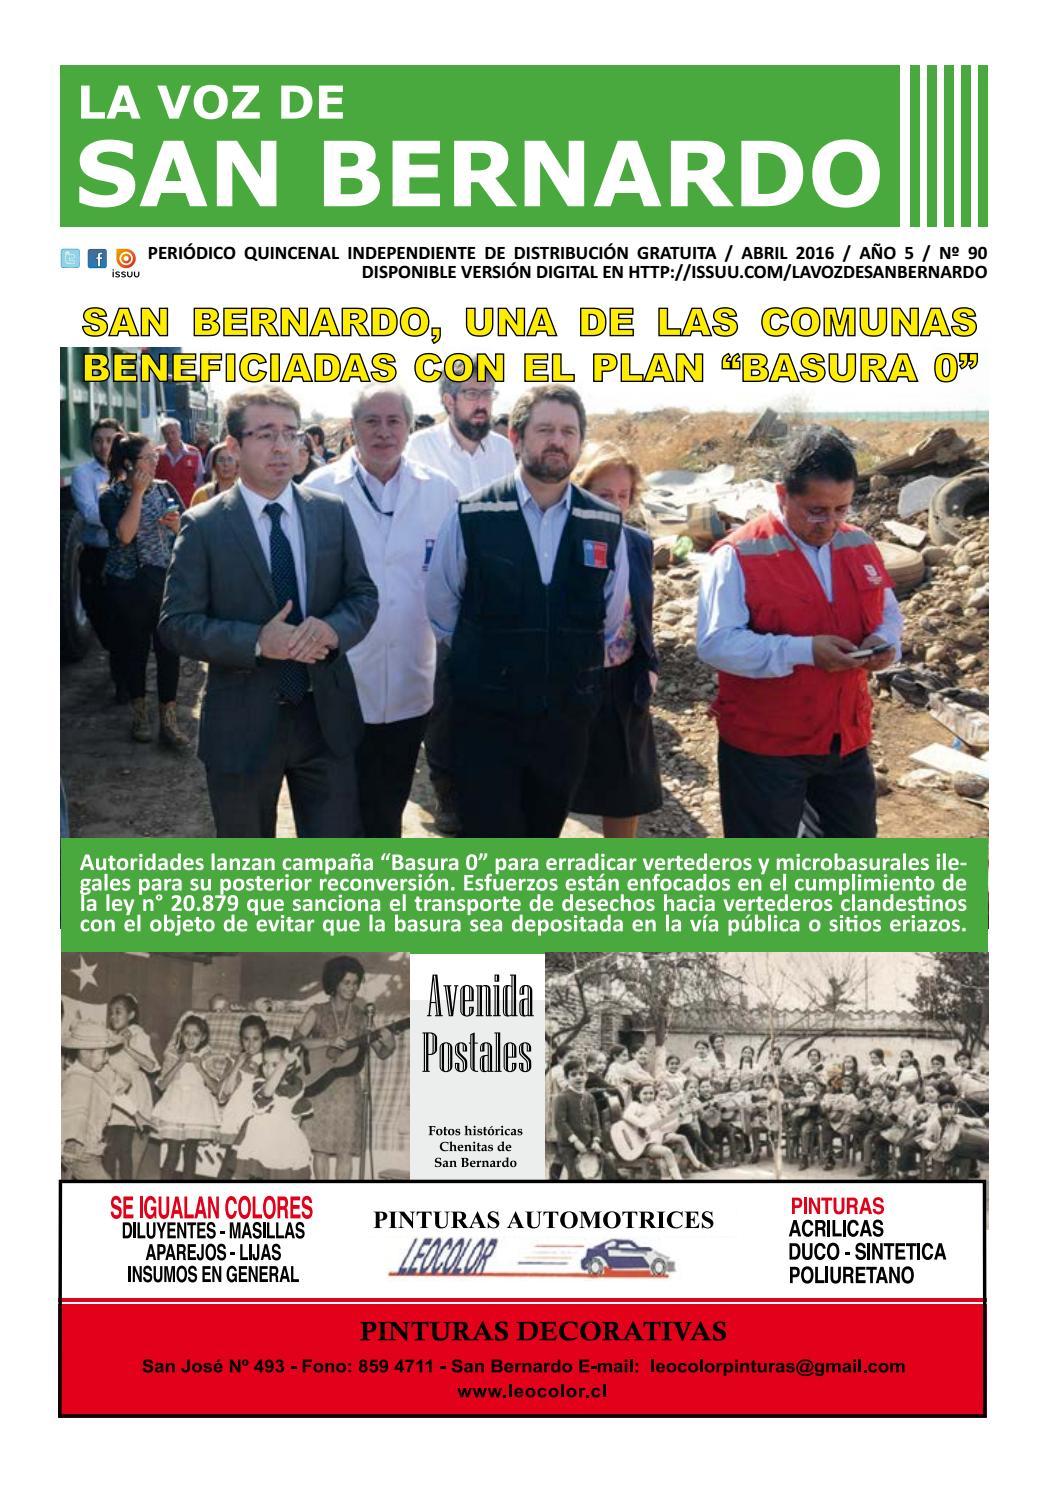 LA VOZ DE SAN BERNARDO - EDICIÓN 90 by Periódico La Voz de San ...